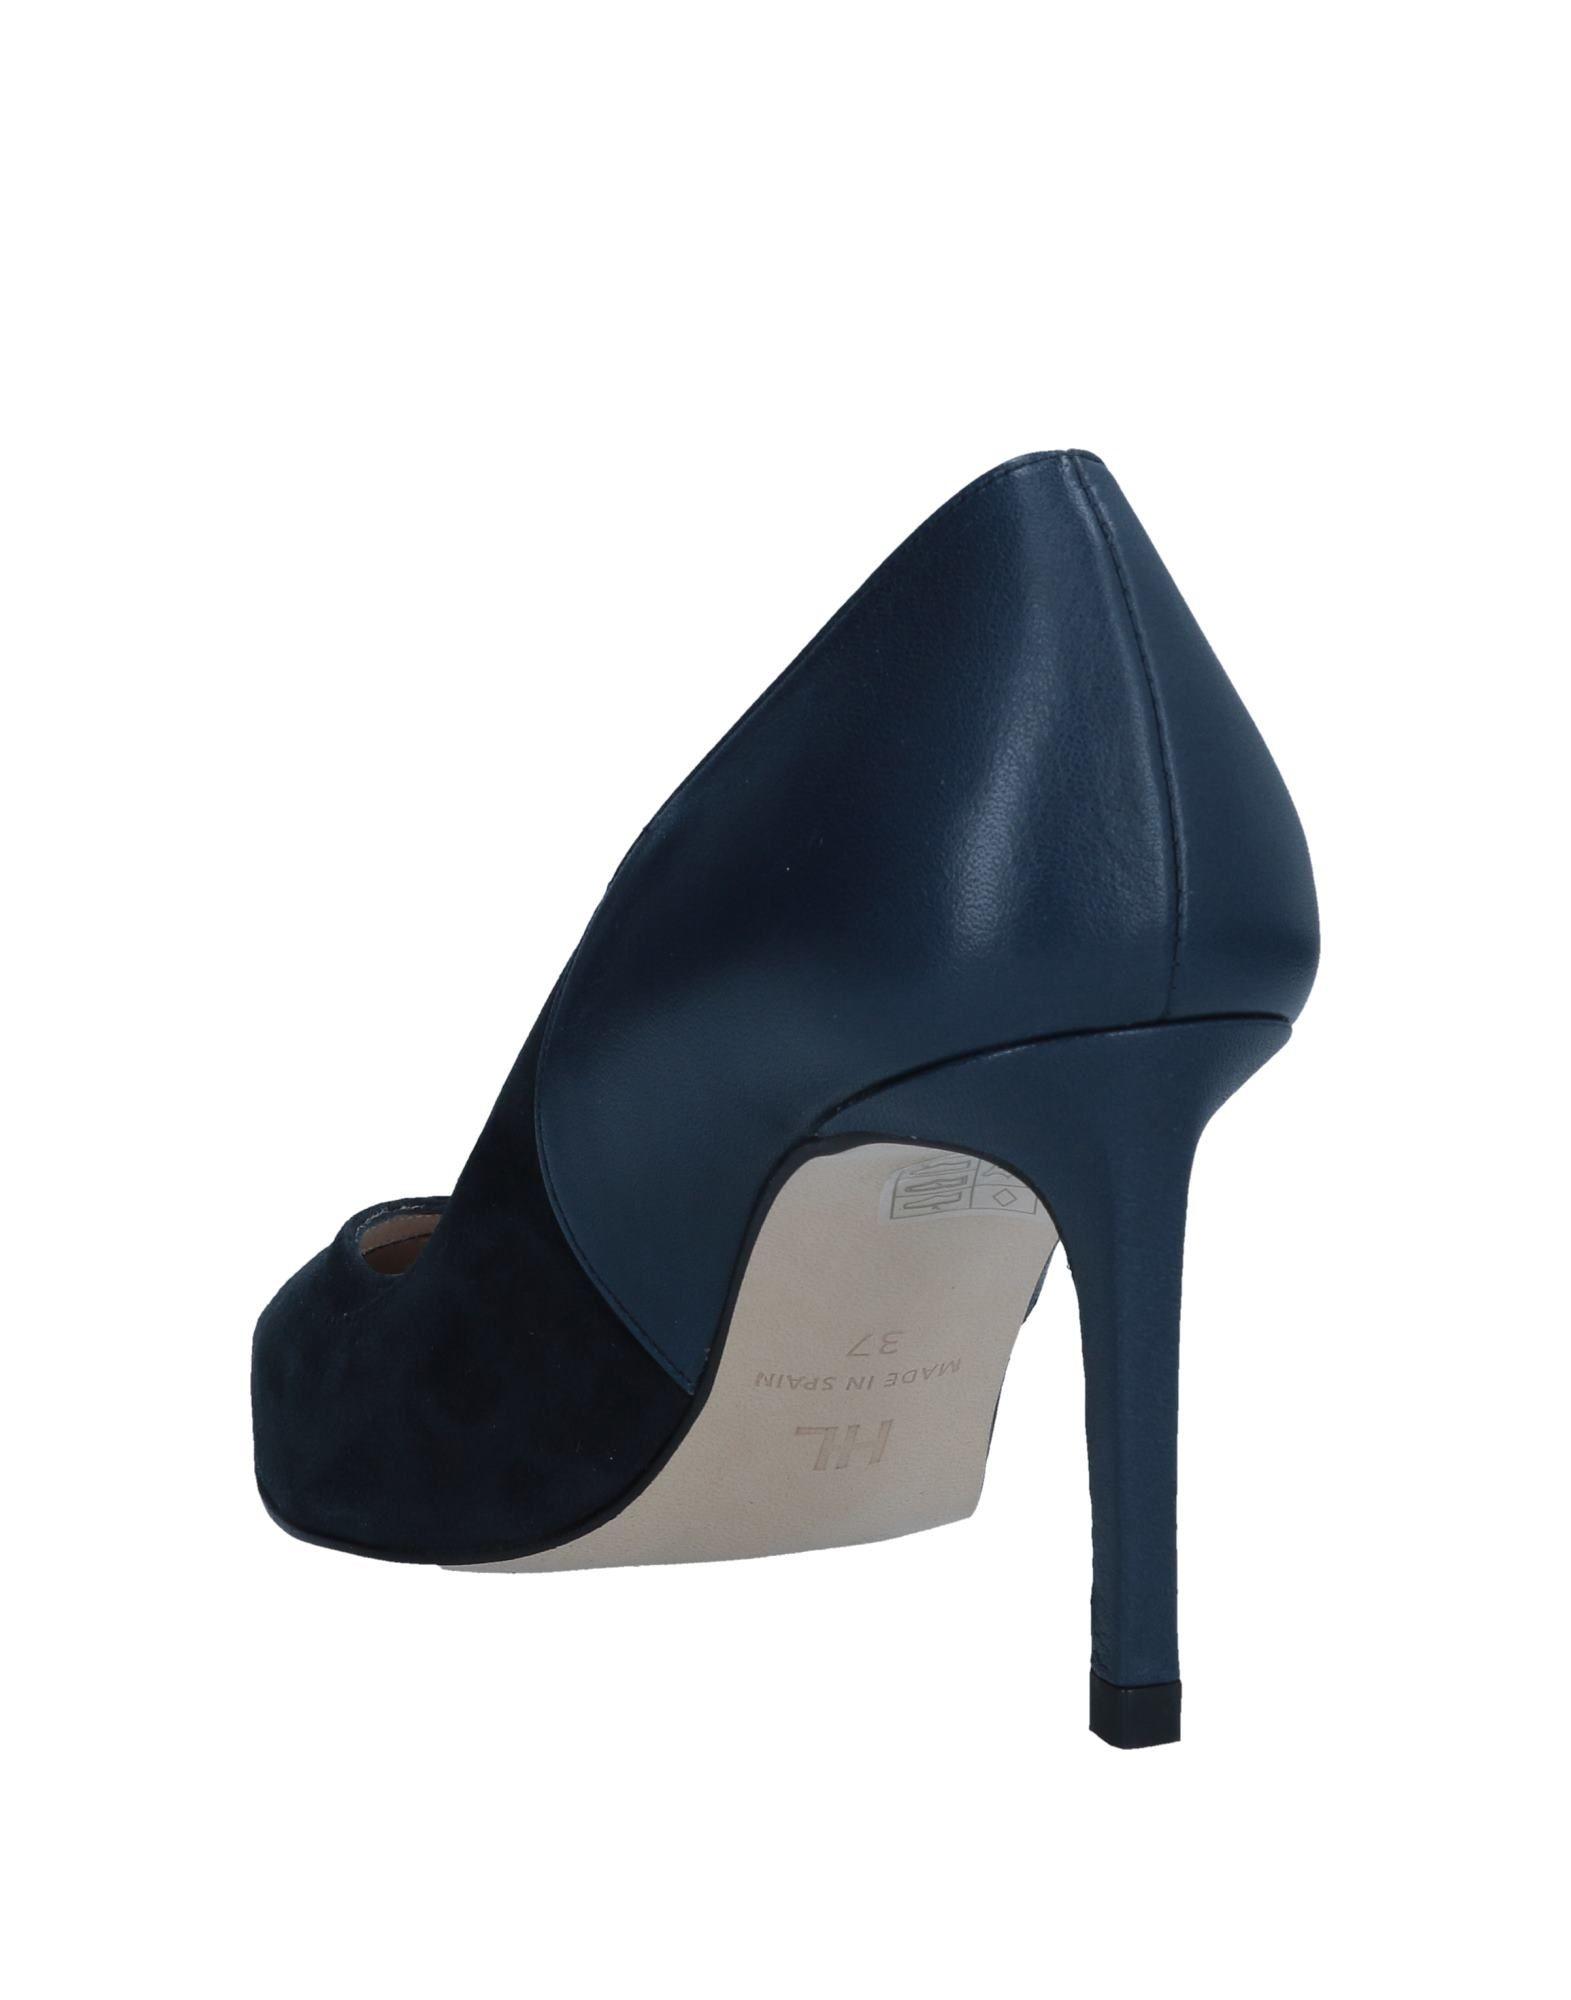 Hannibal Laguna Pumps Damen beliebte  11543643CR Gute Qualität beliebte Damen Schuhe 2619f8